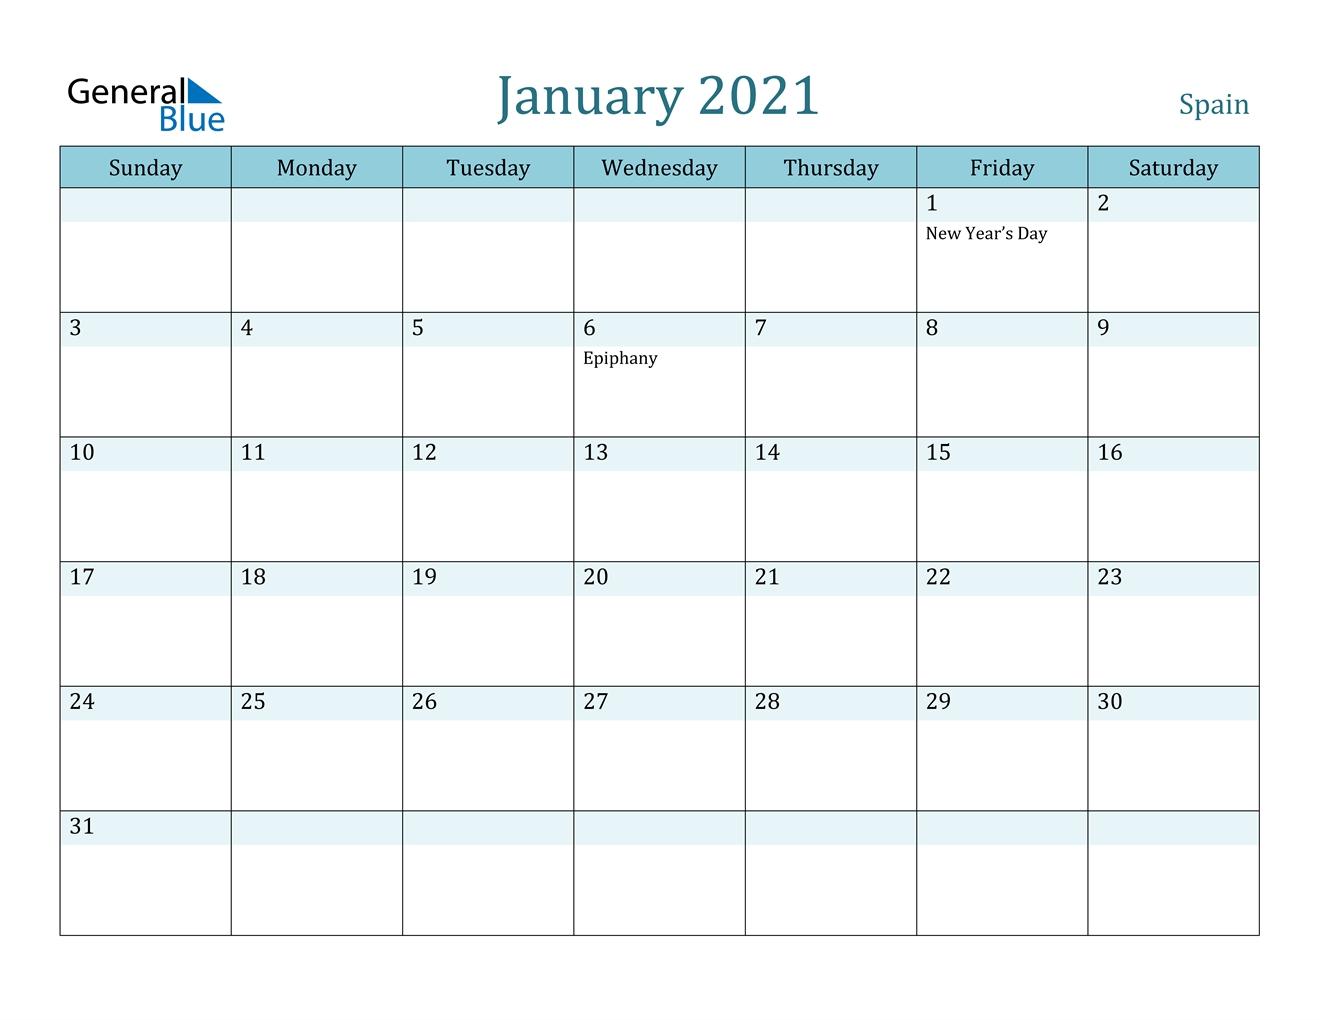 January 2021 Calendar - Spain